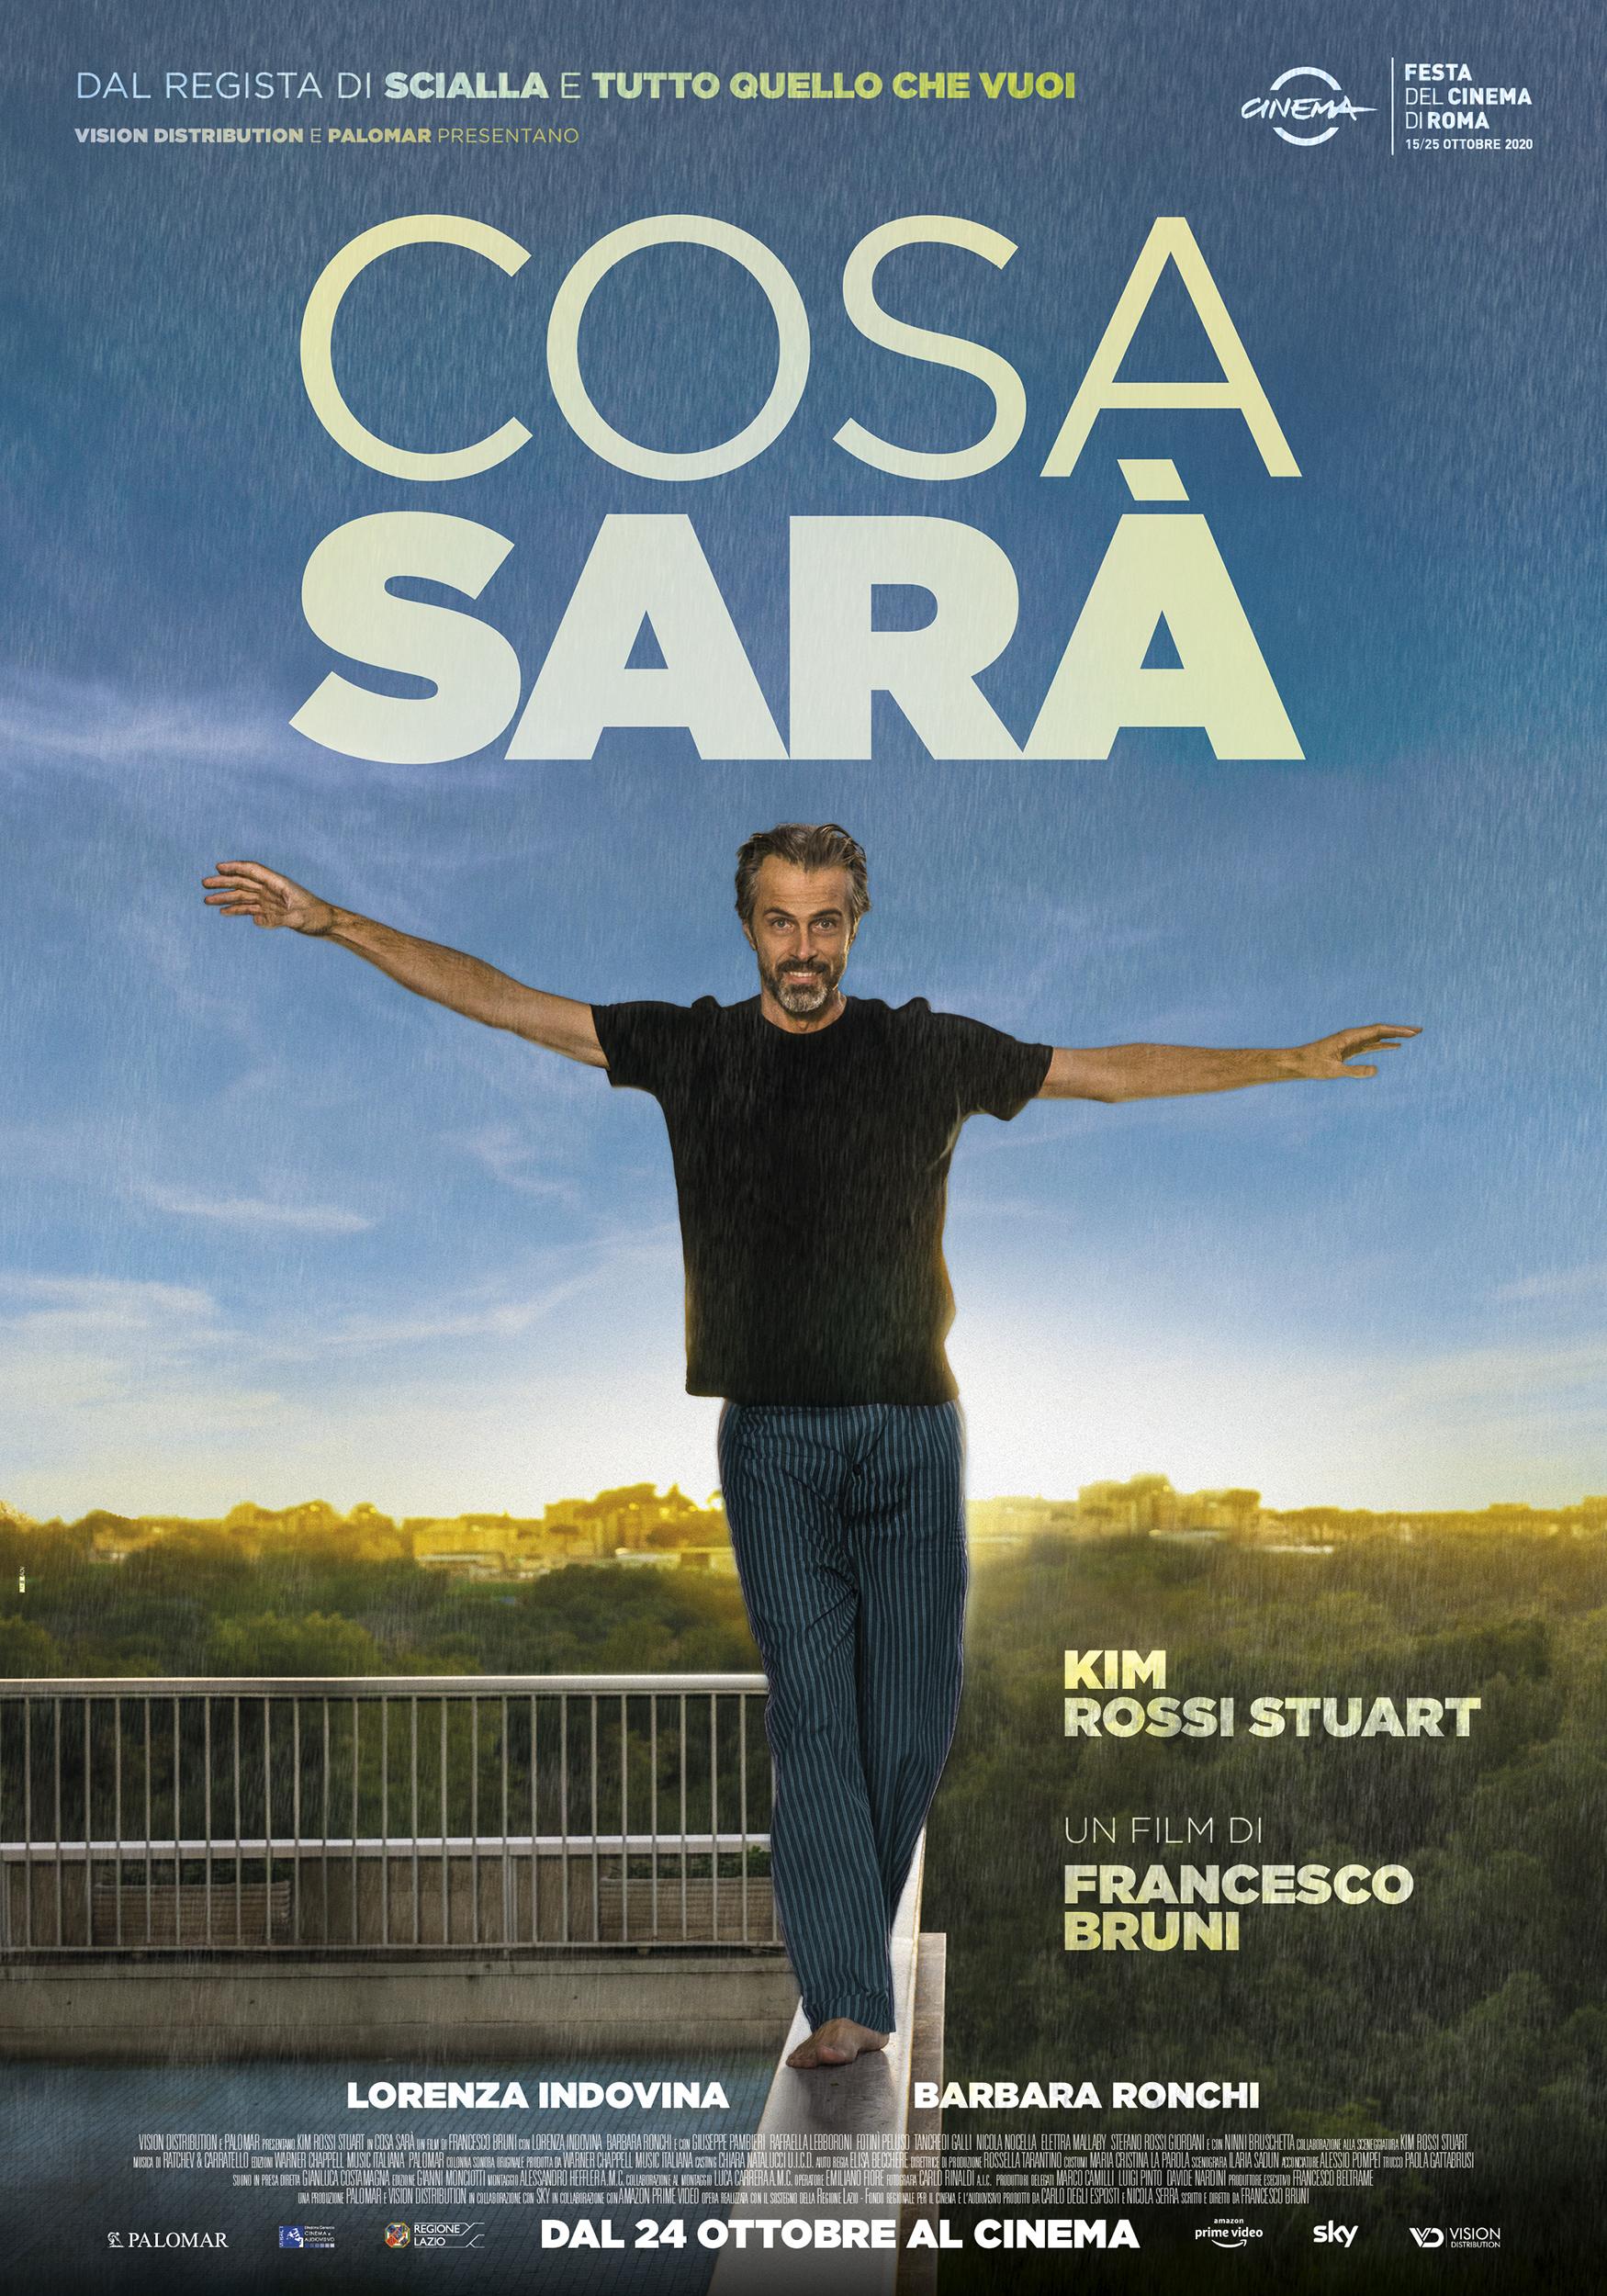 CosaSara_Poster_Web_Data